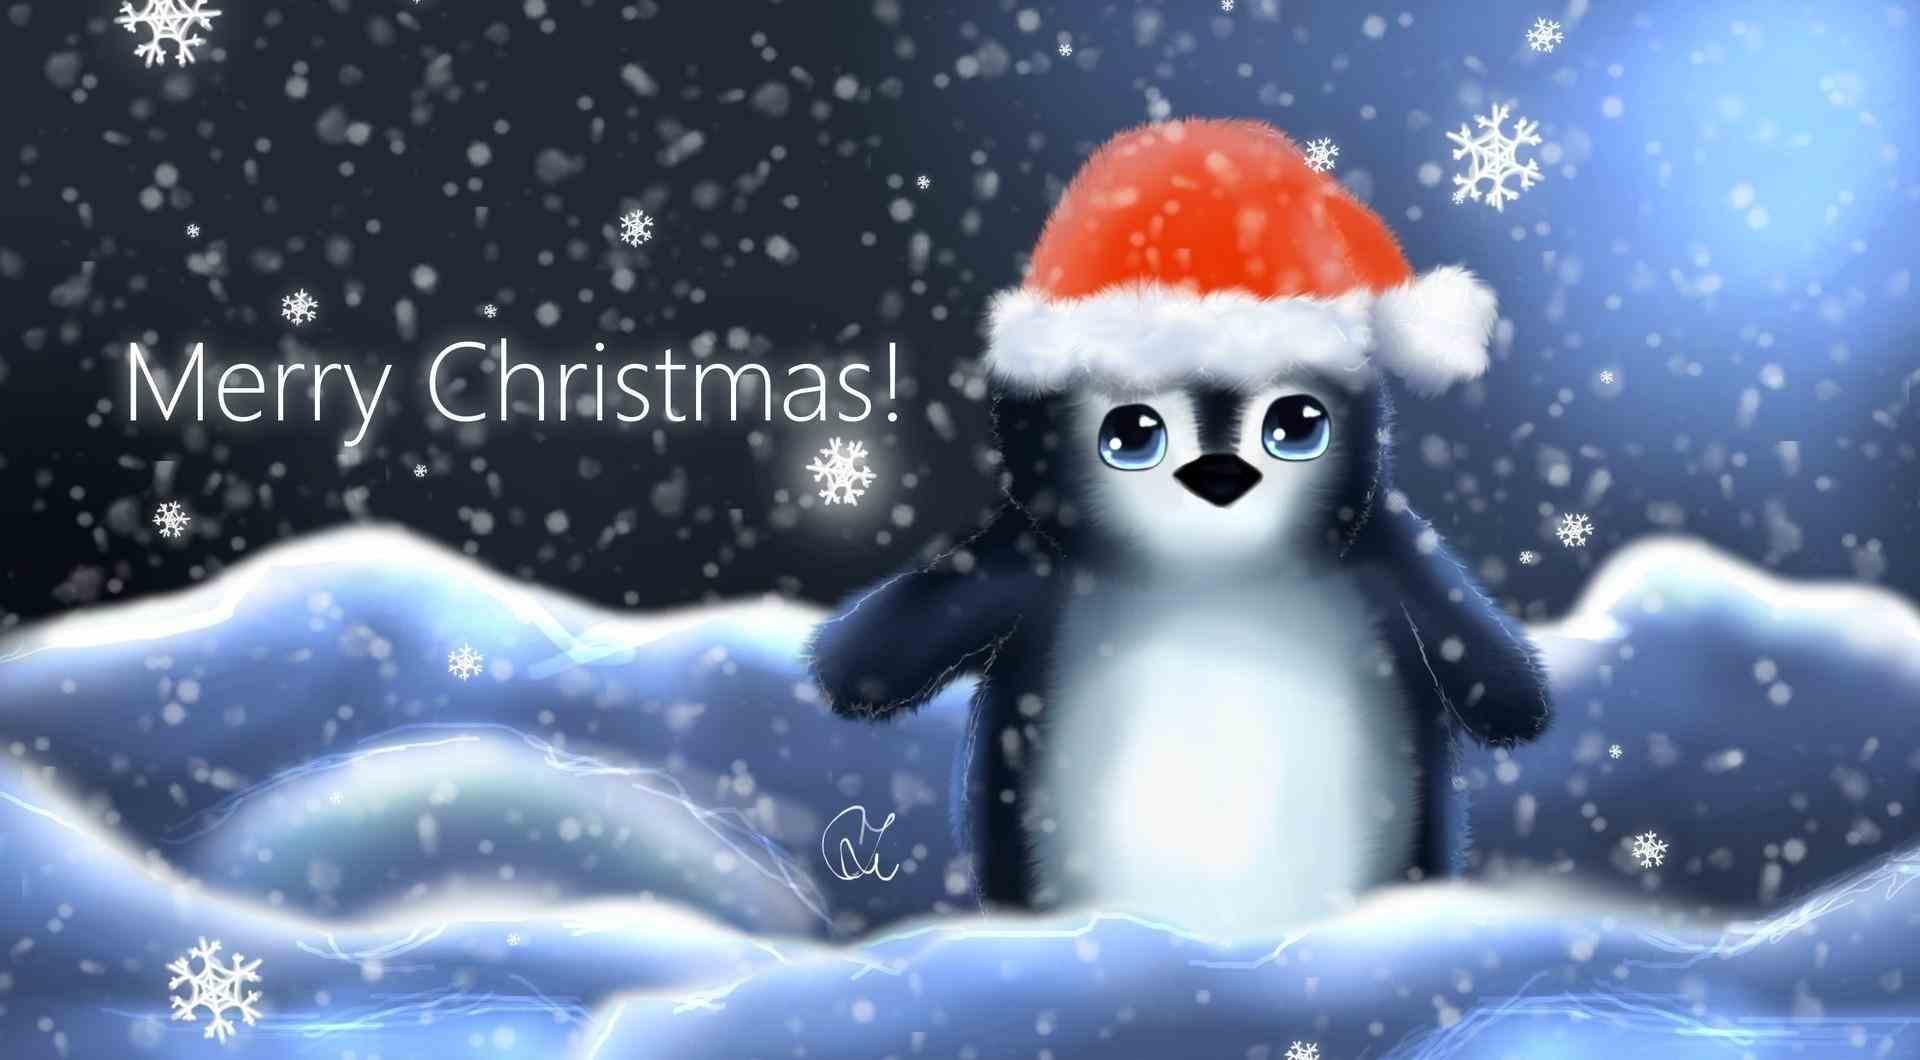 cute merry christmas wallpaper - wallpapersafari